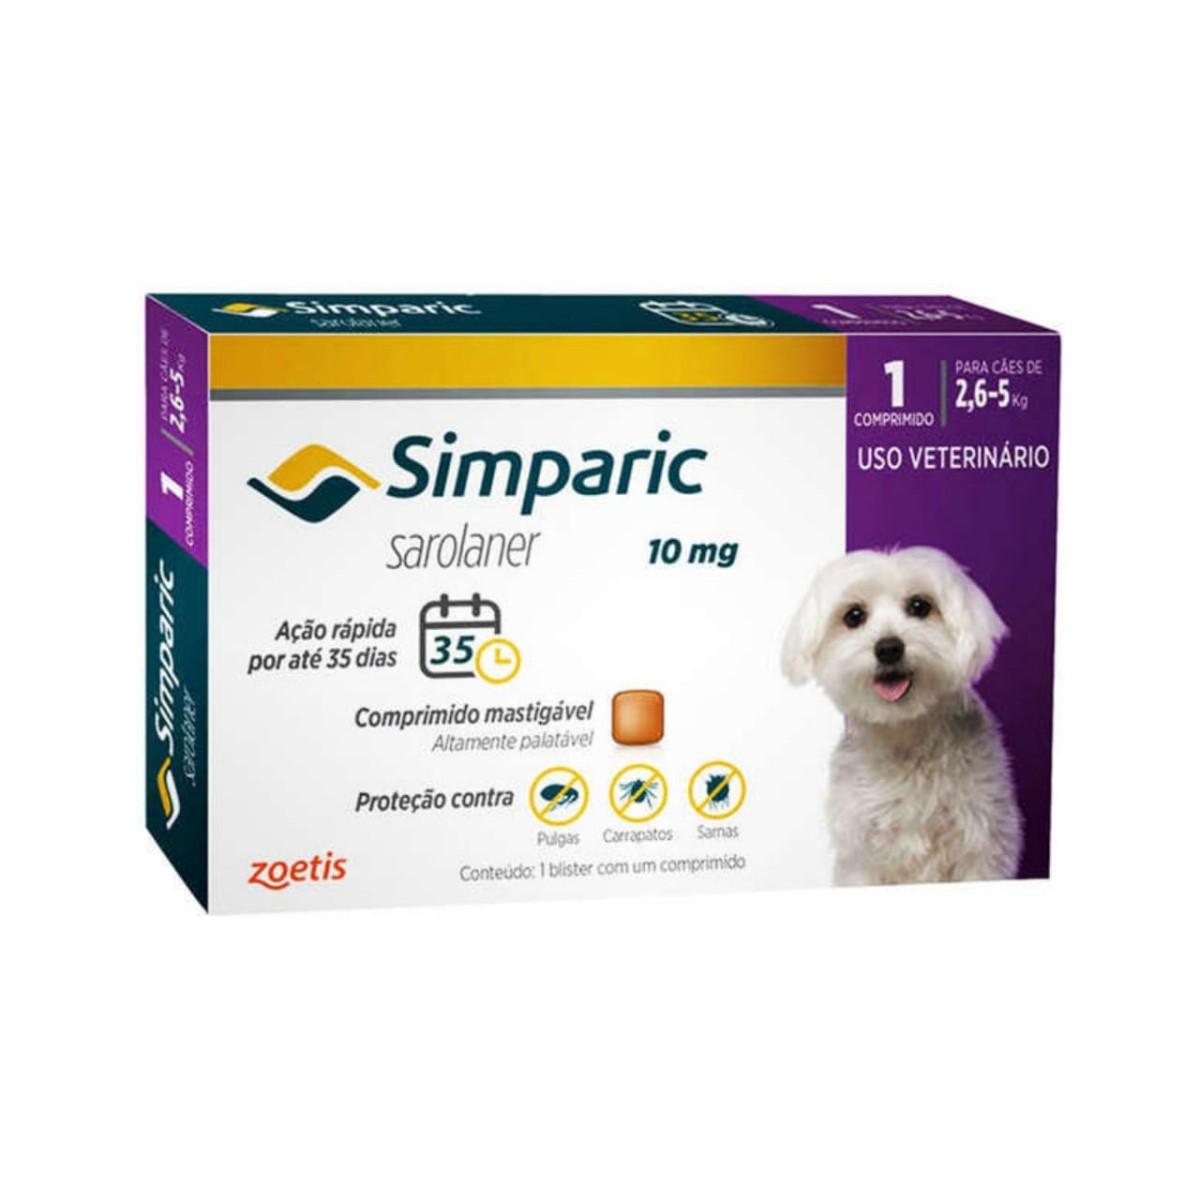 Antipulgas e Carrapatos Simparic 10mg para Cães 2,6 a 5Kg - 1 Comprimido